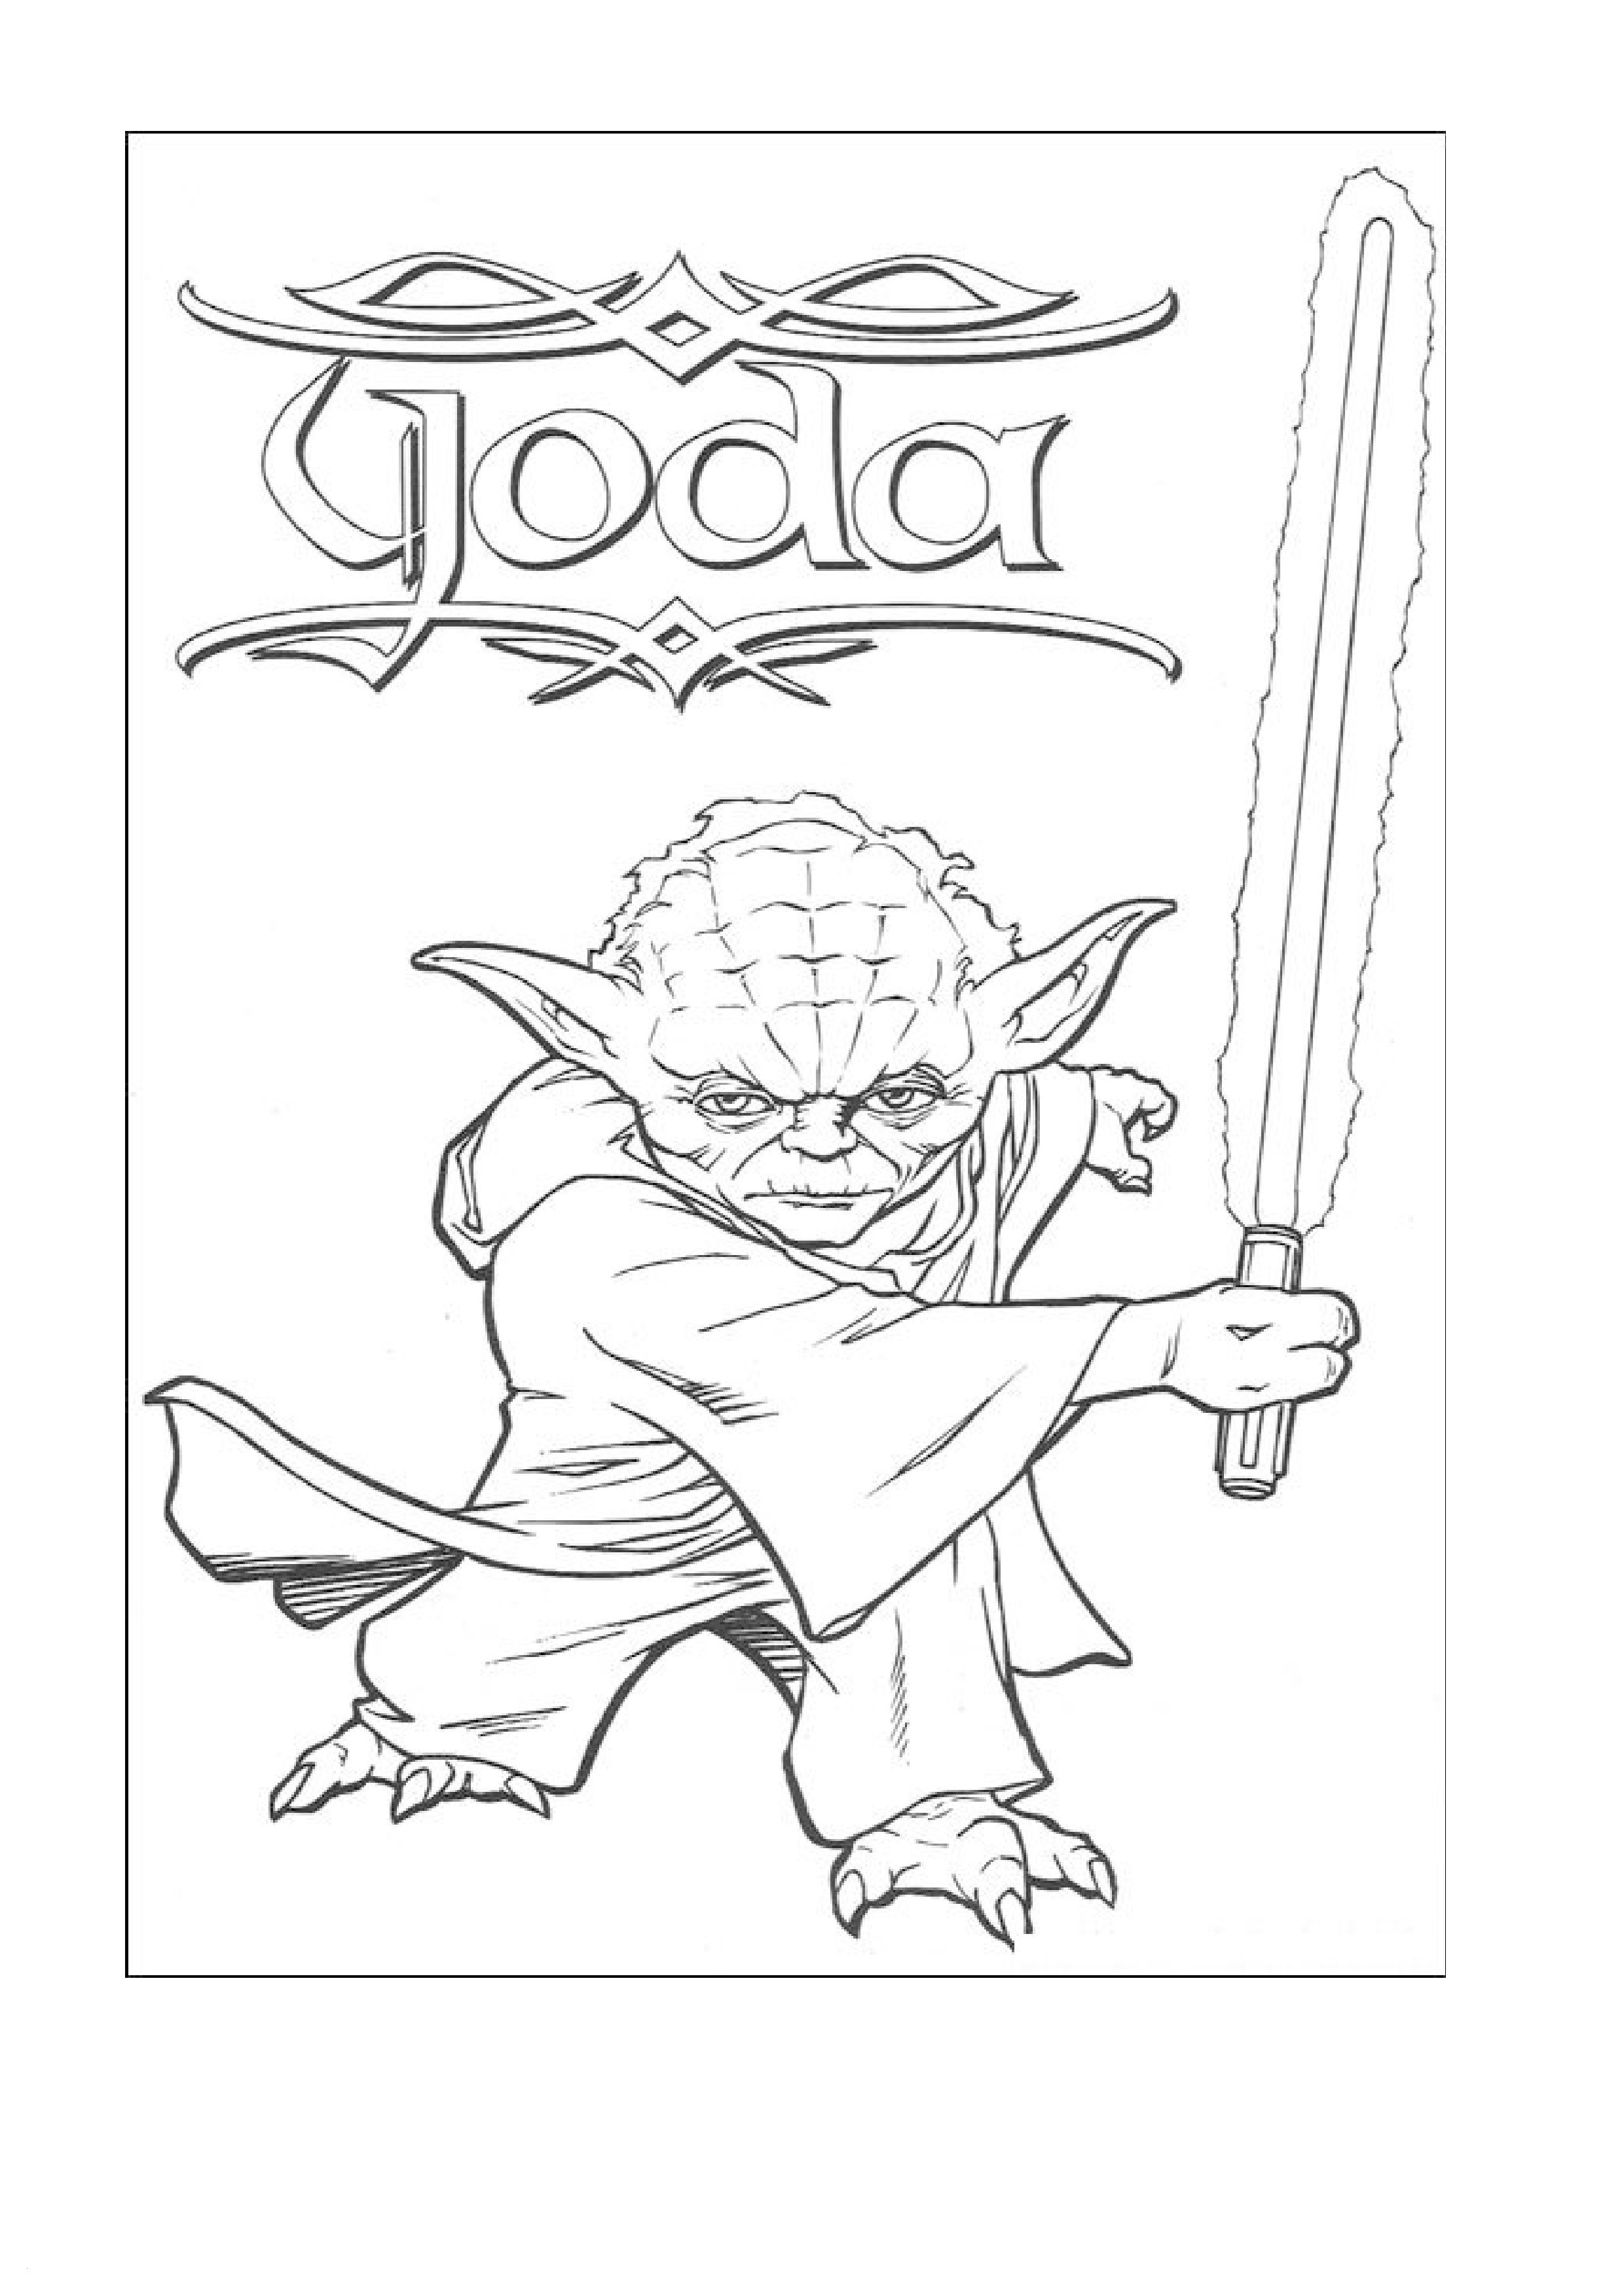 Star Wars Ausmalbilder General Grievous Frisch 44 Großartig Star Wars Ausmalbilder Yoda Malvorlagen Sammlungen Bilder